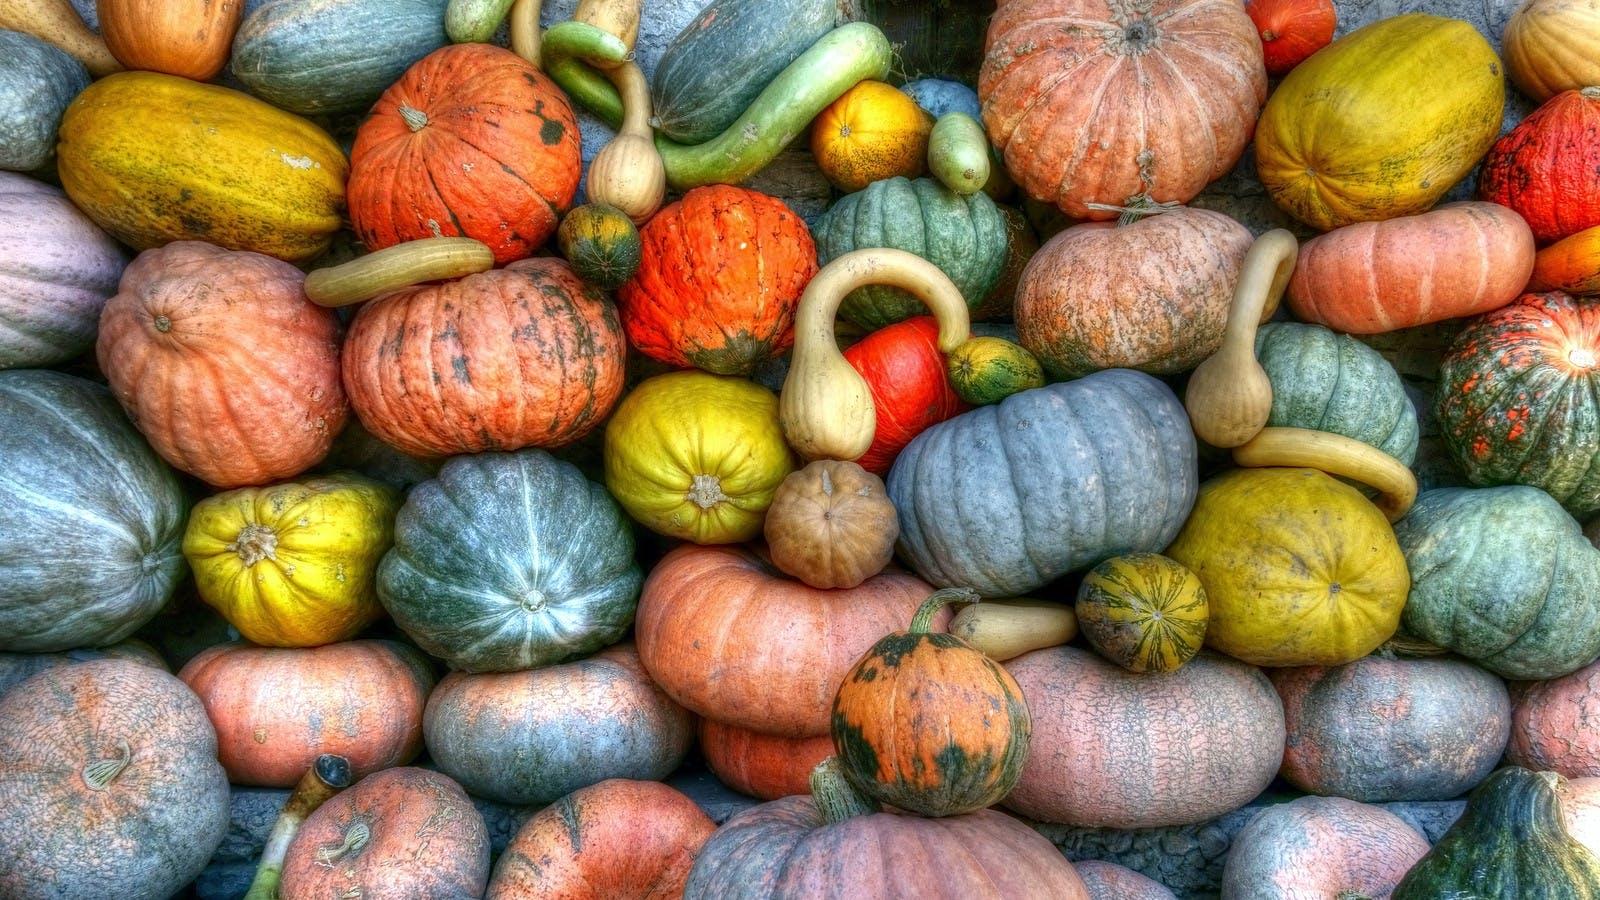 かぼちゃ, ひょうたん, ハロウィン, フルーツの無料の写真素材